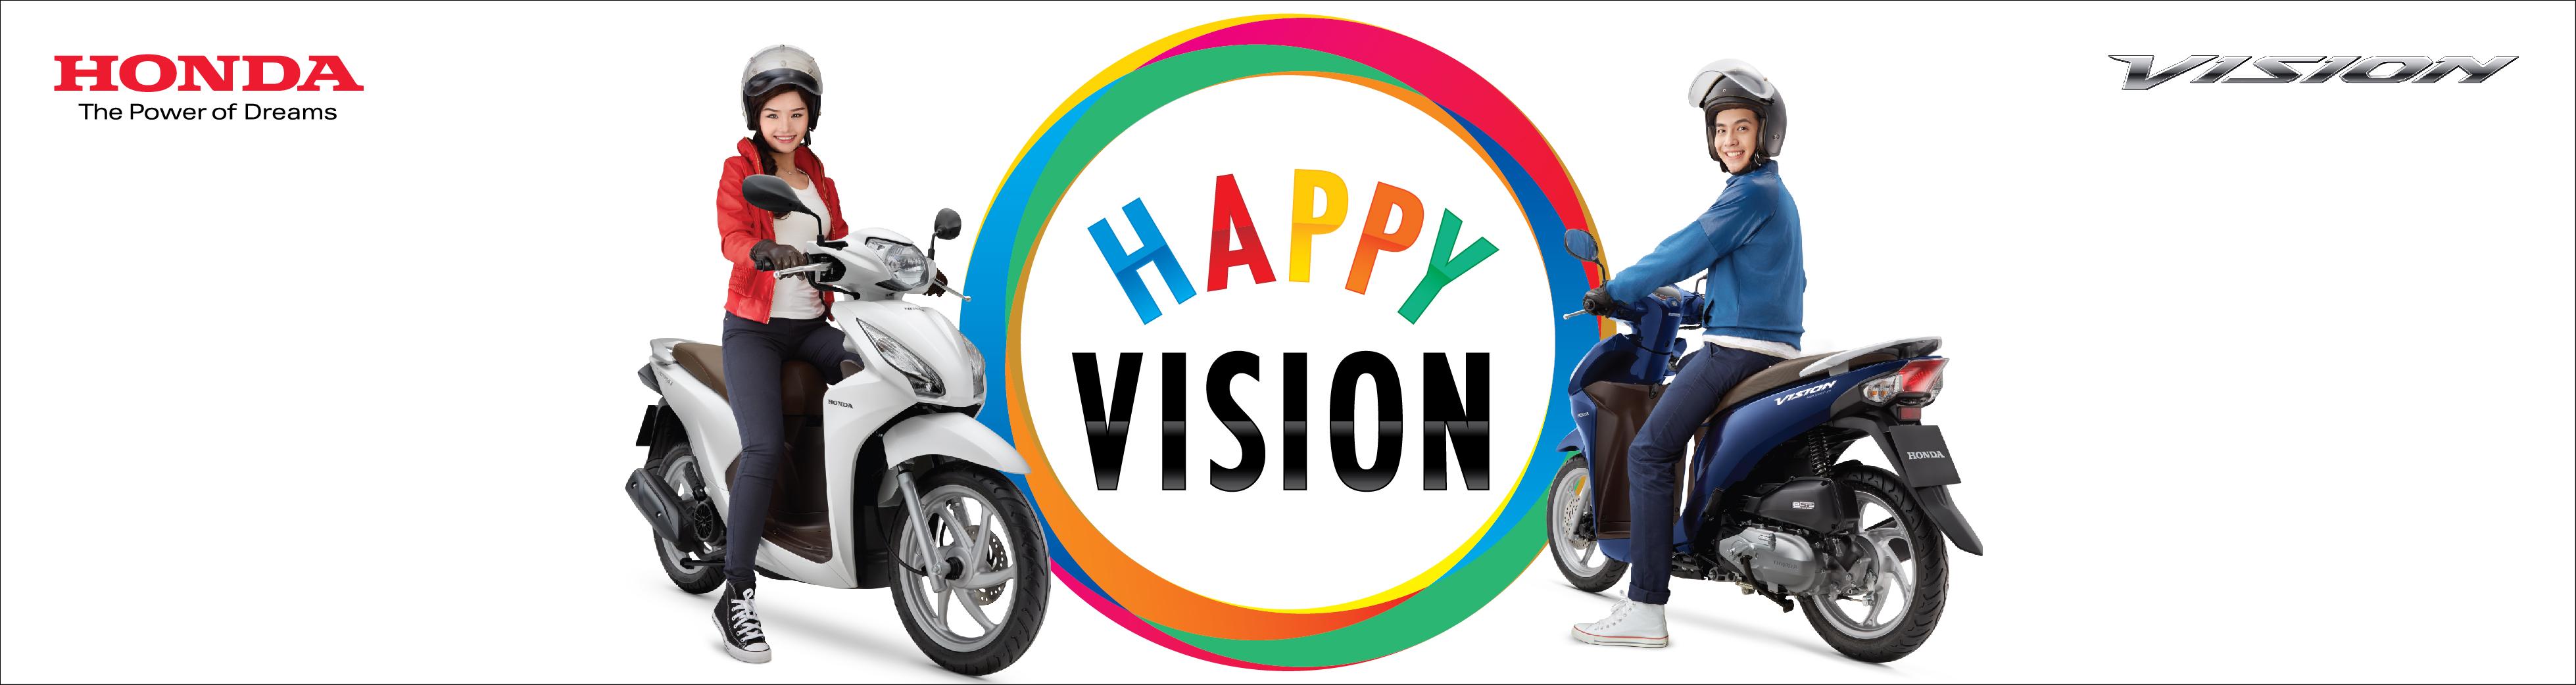 Honda Vision 2014